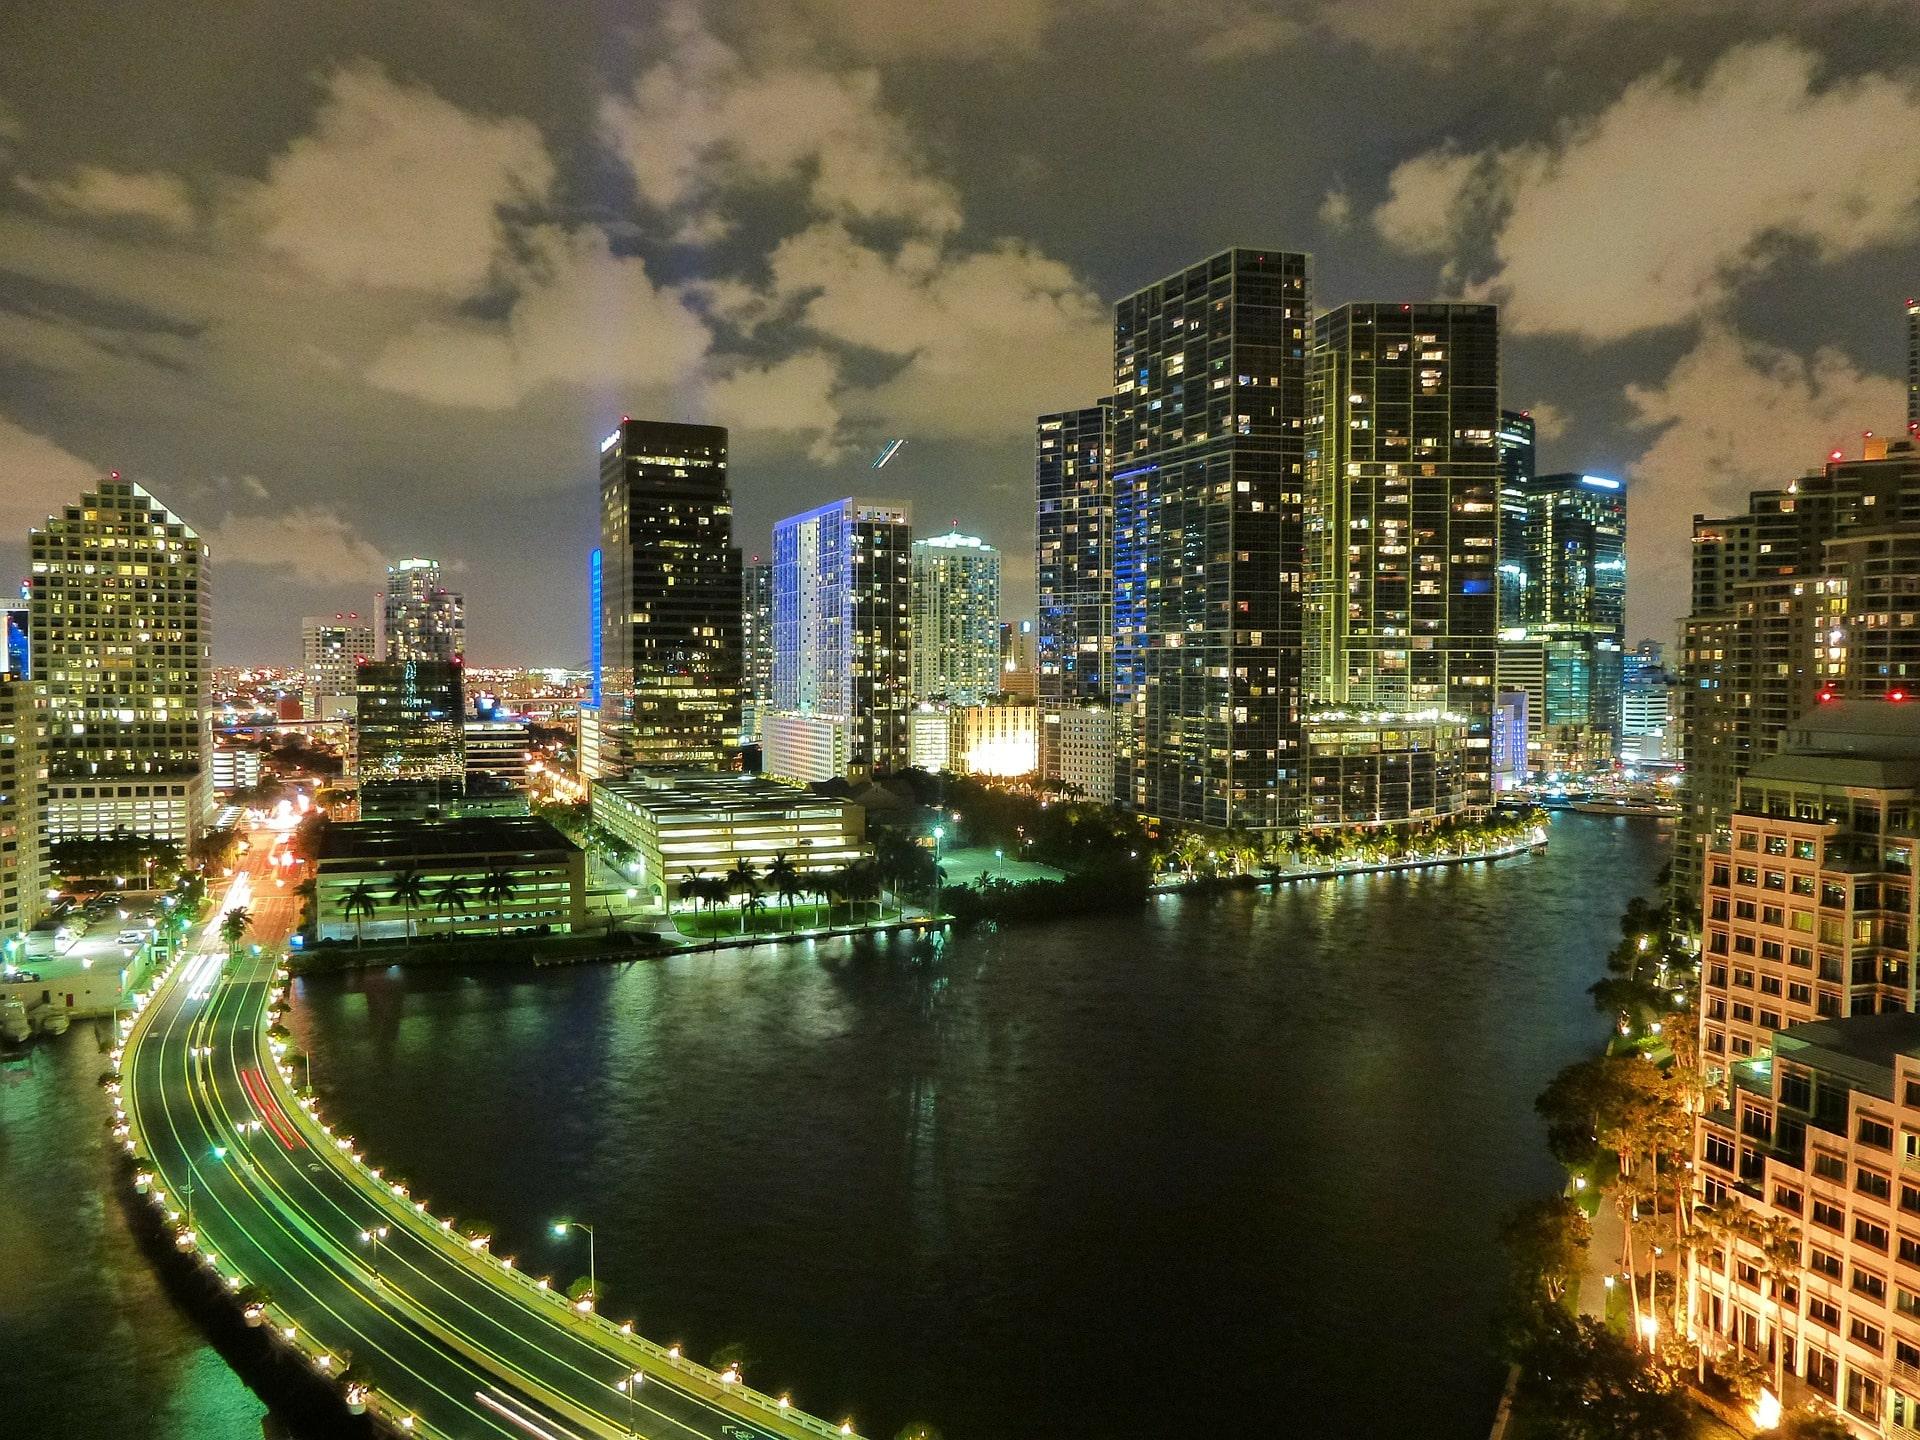 Drug testing centers in Miami